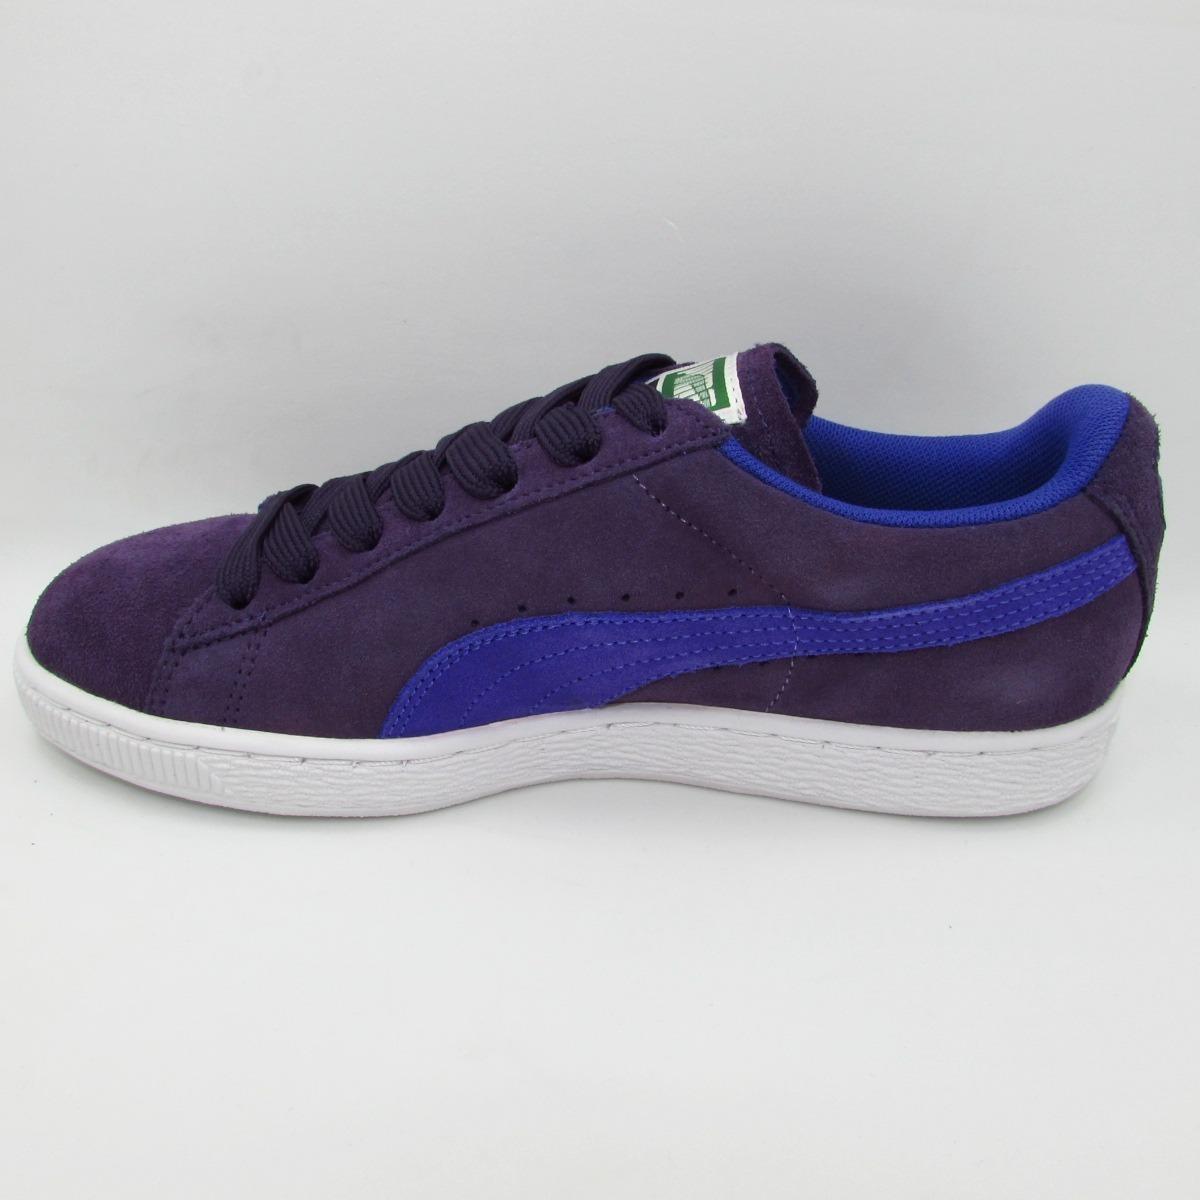 puma suede purple